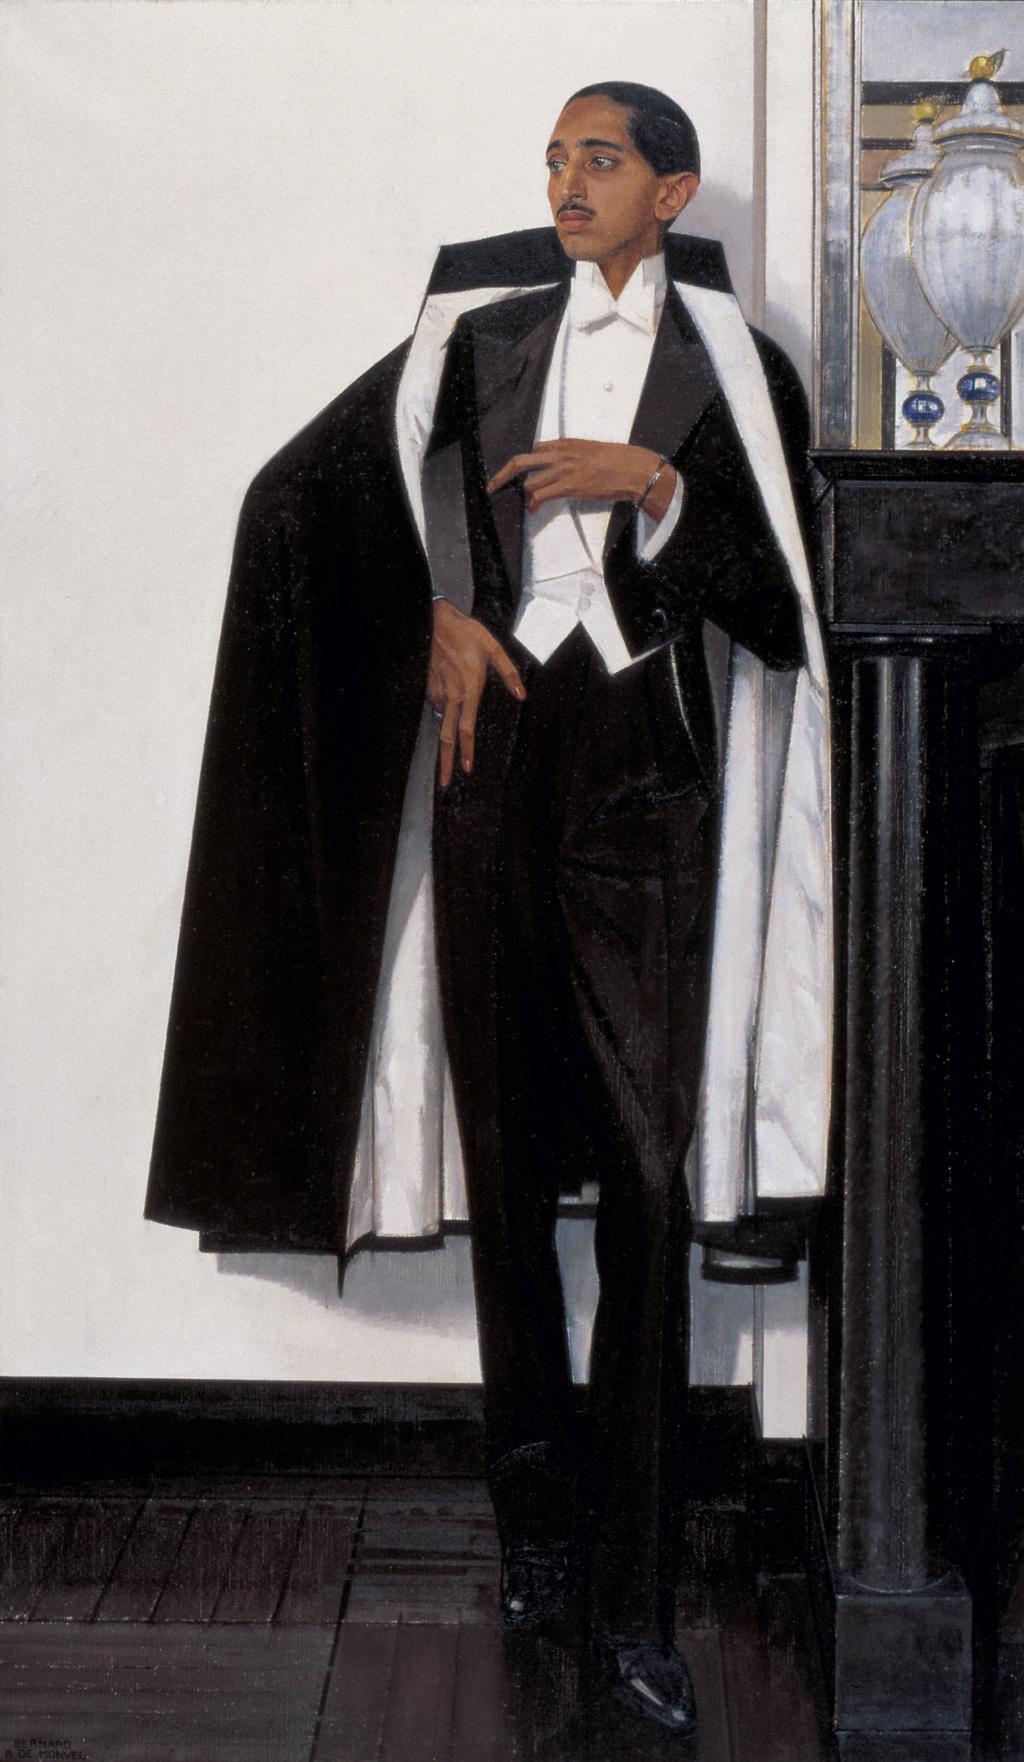 Moderne Maharajah, un mécène des années 30 au Musée des Arts Décoratifs 1426